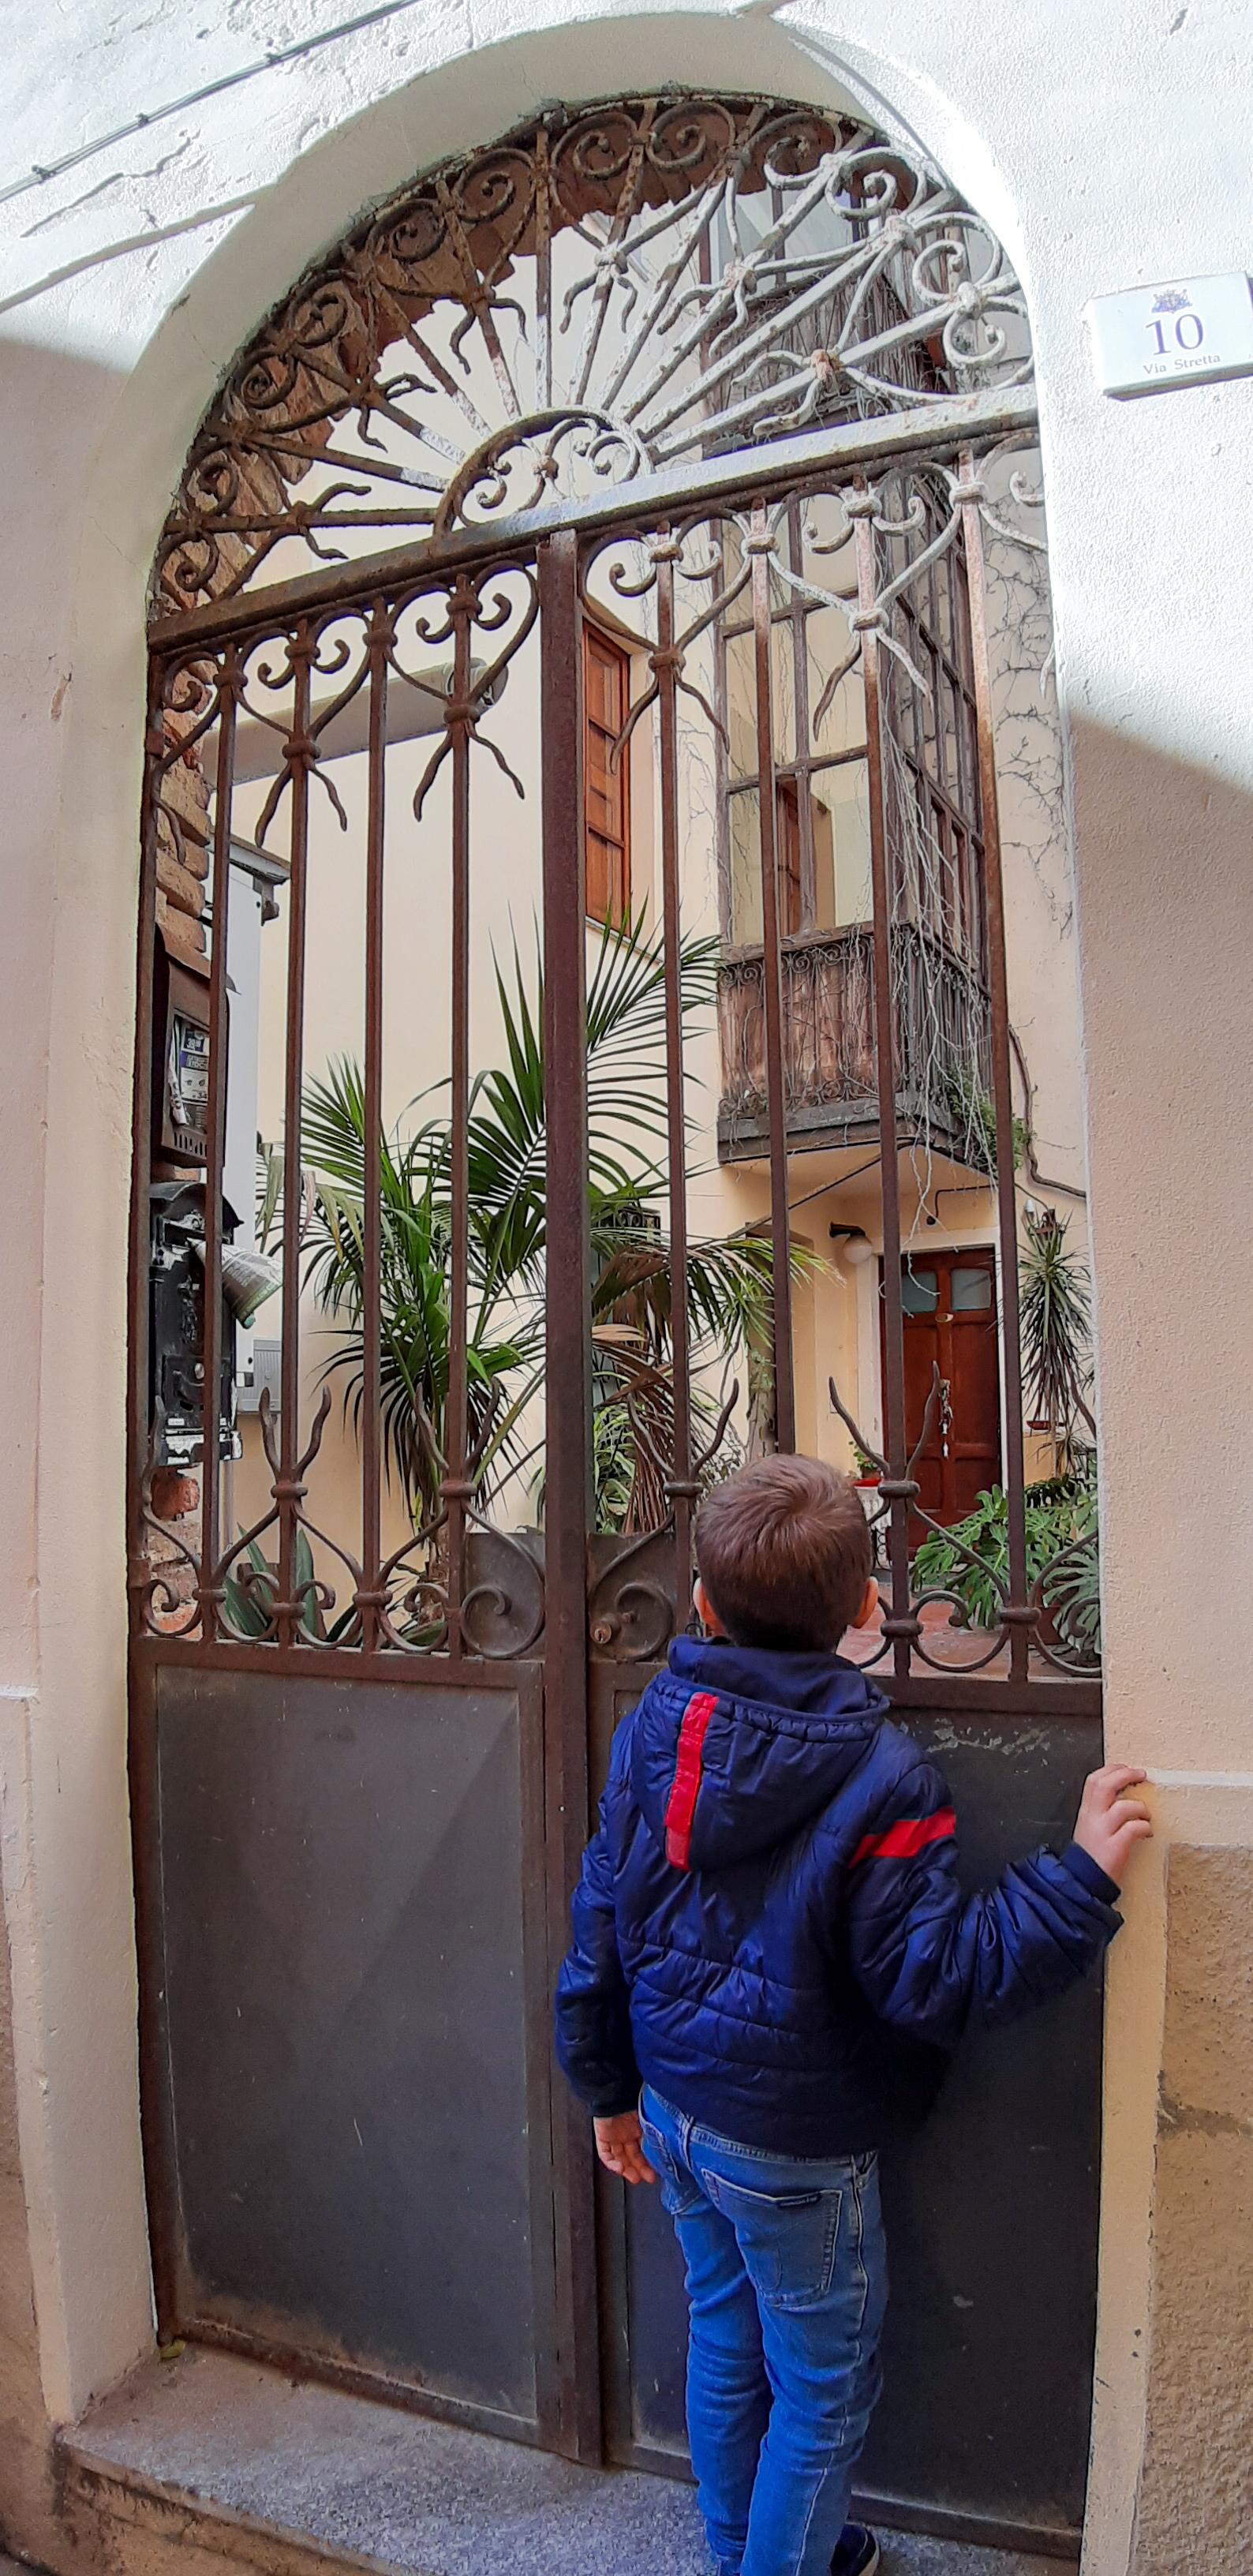 Passeggiata in castello via stretta Cagliari